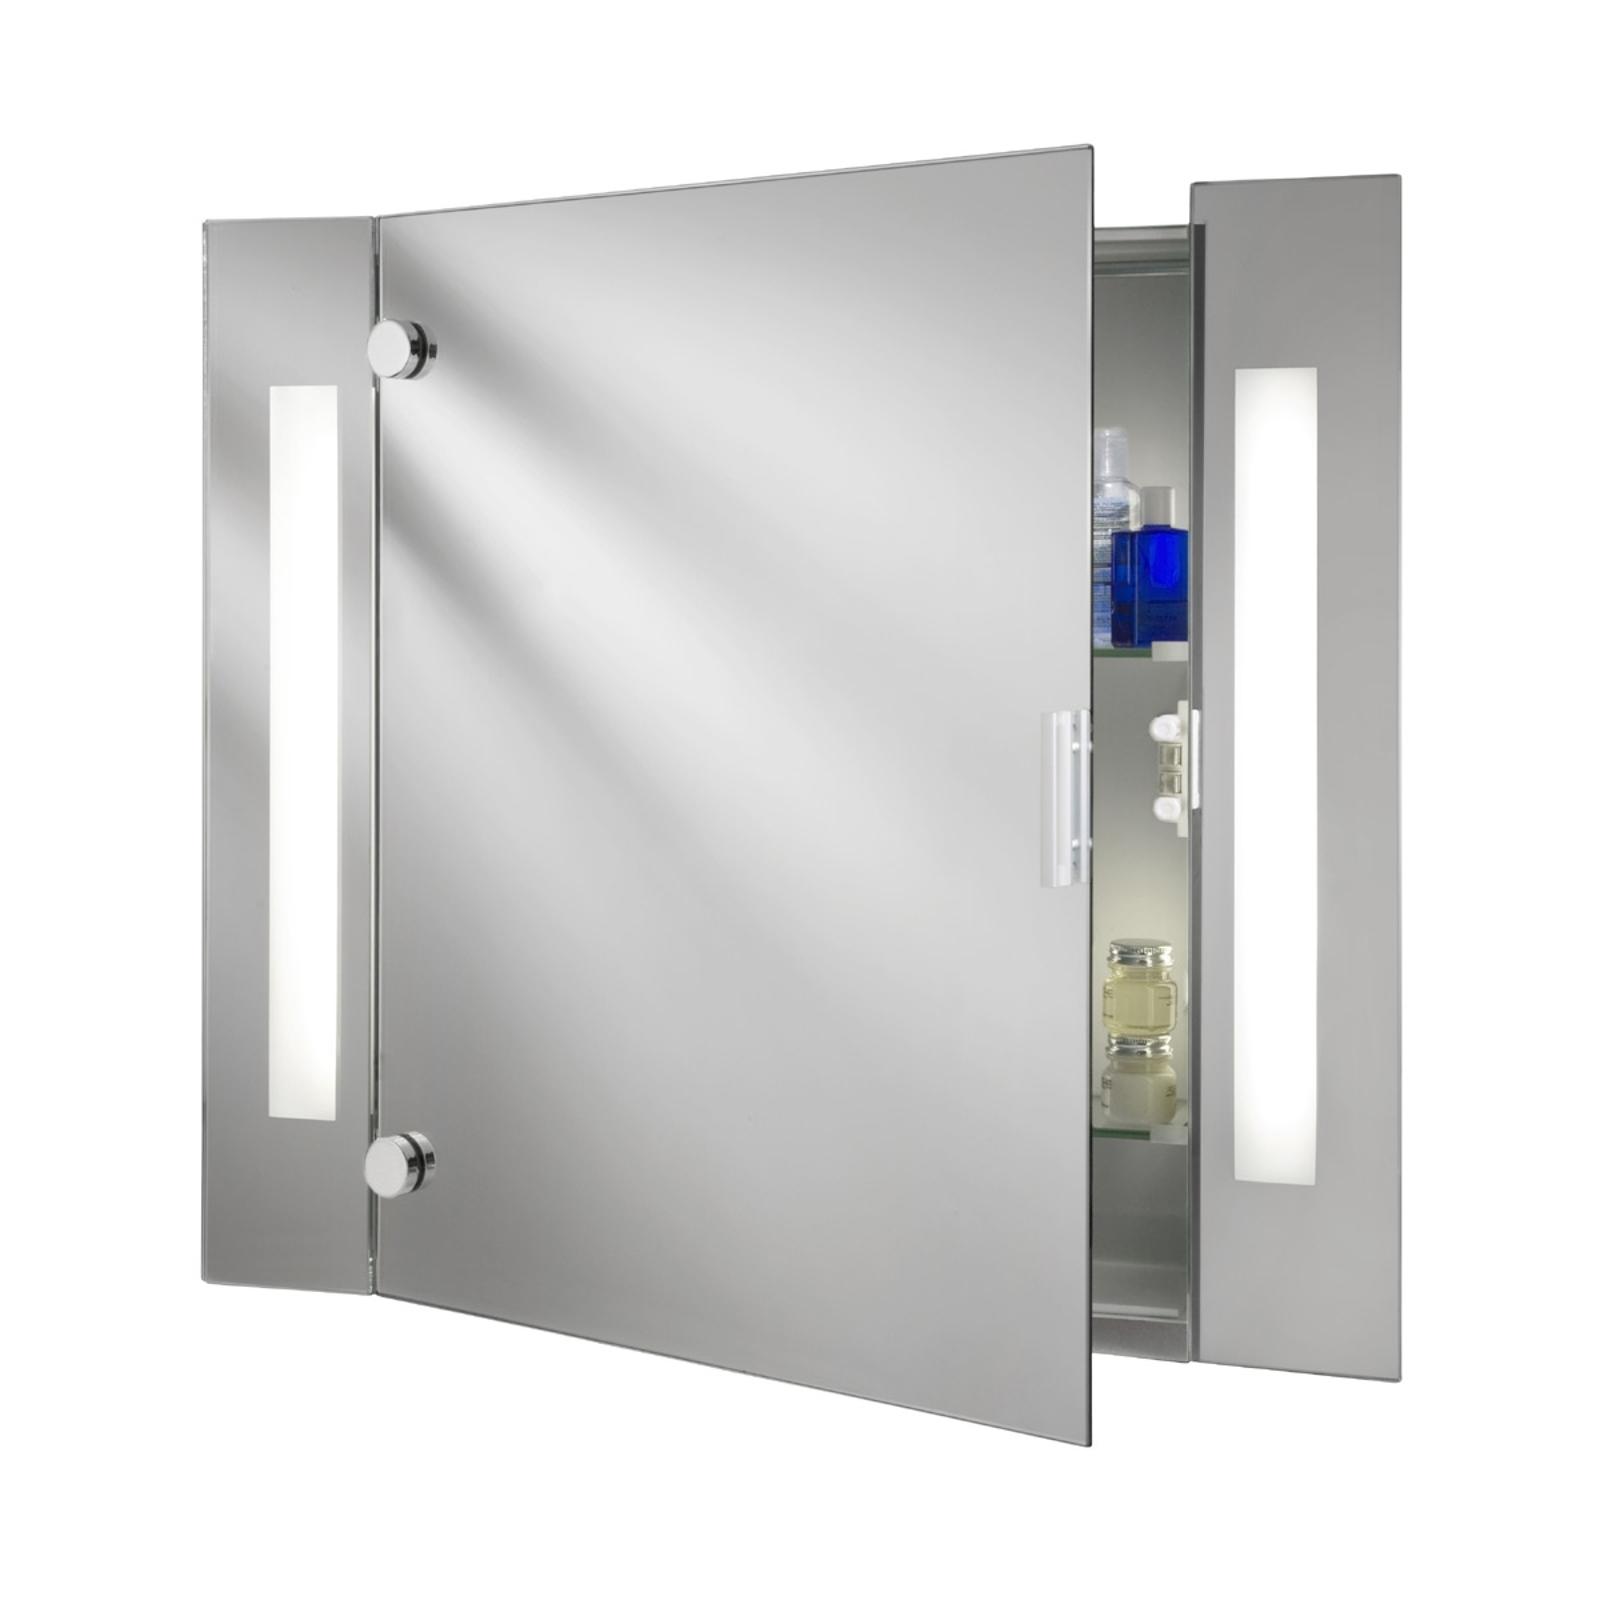 Moderne speilskap Silva med lys